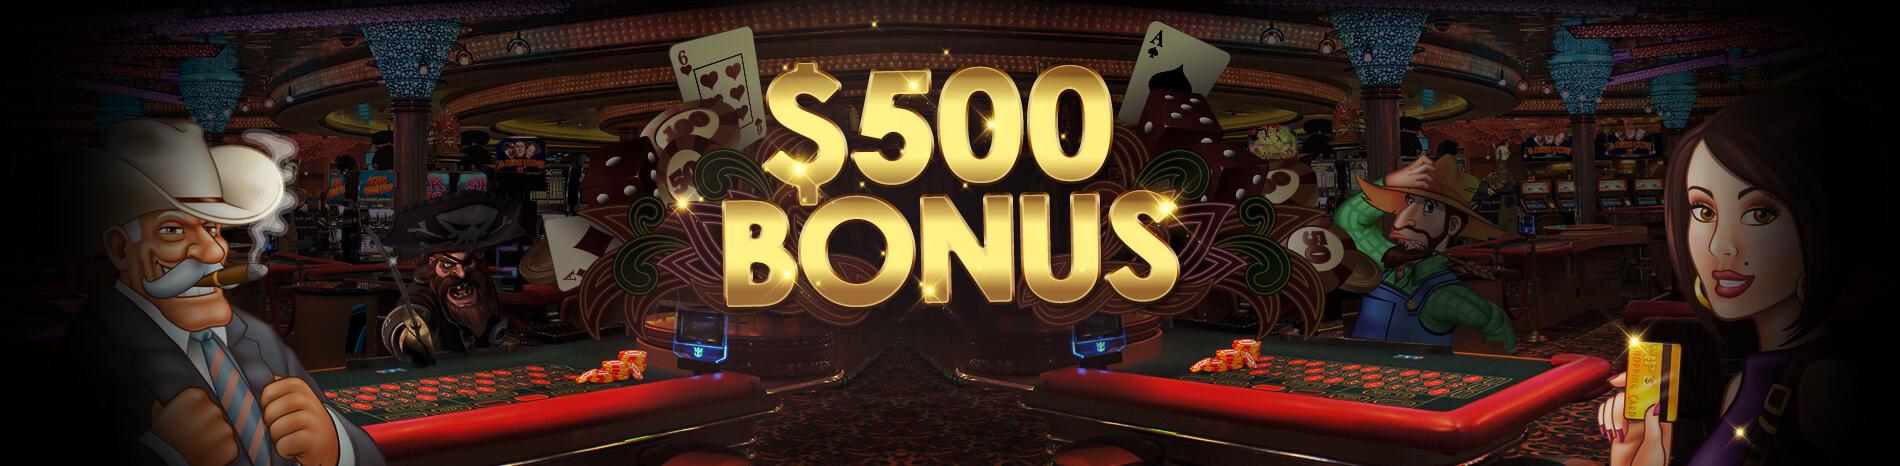 casino bonus 500